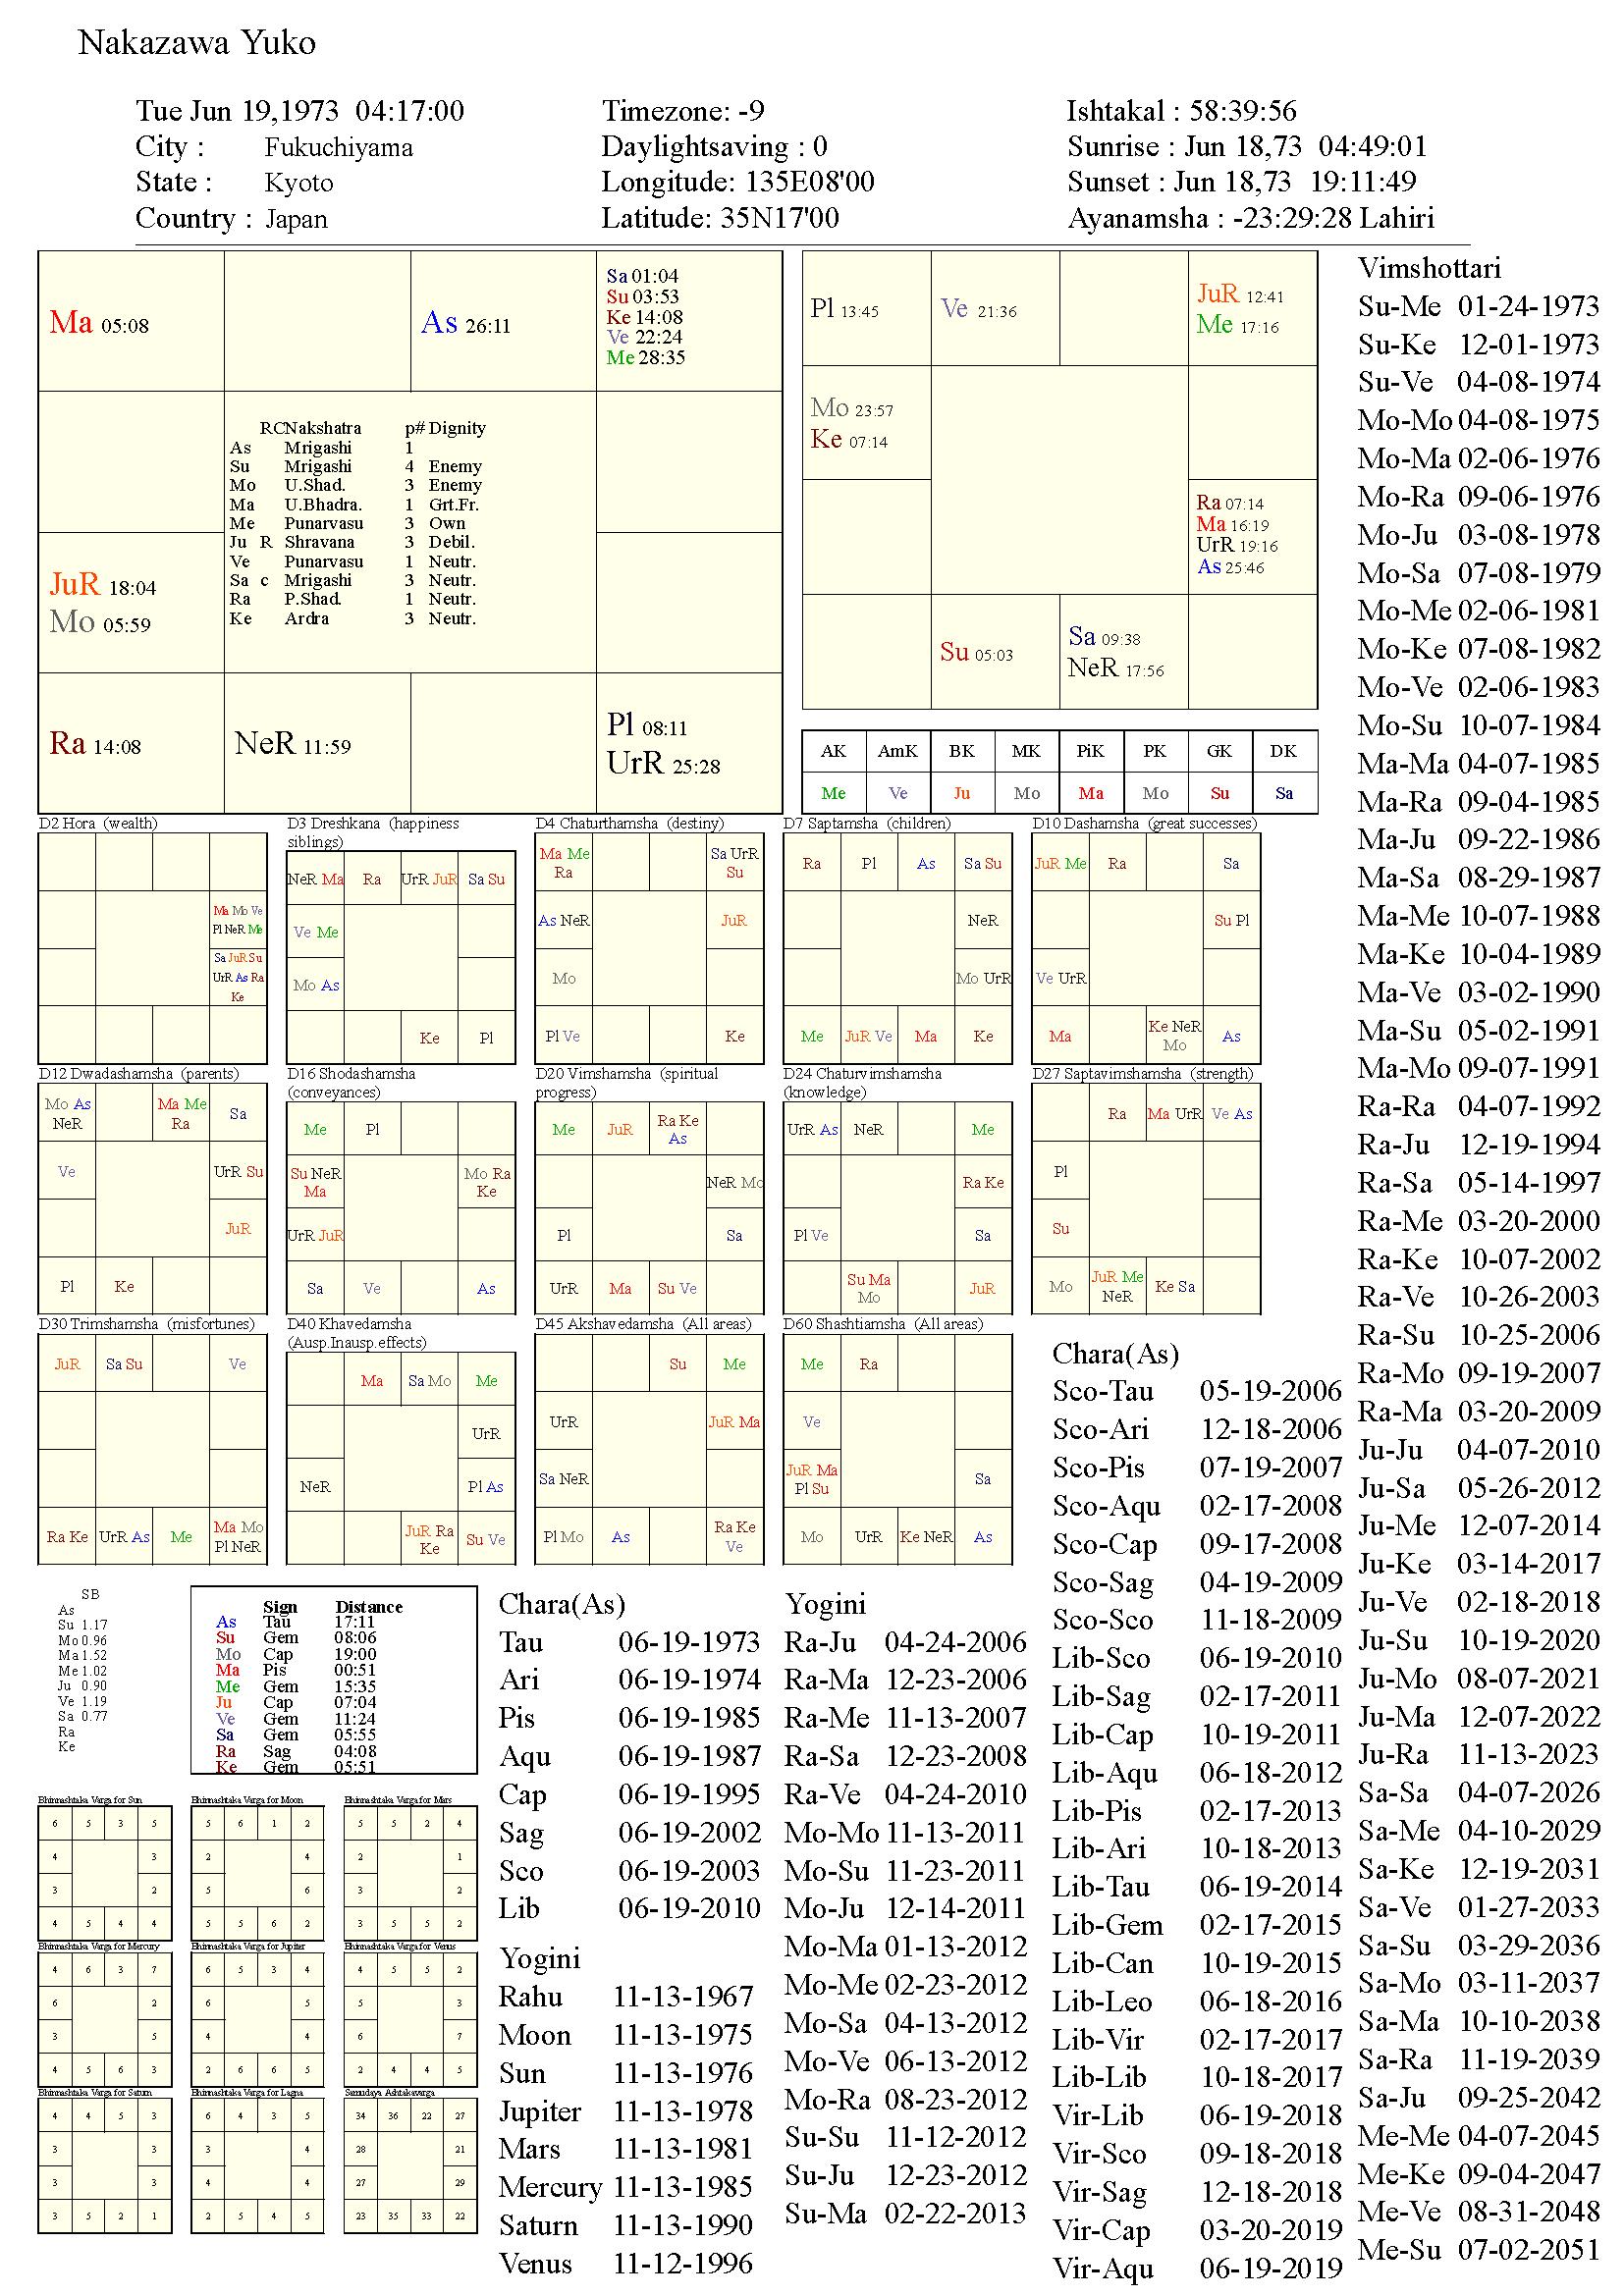 nakazawayuko_chart